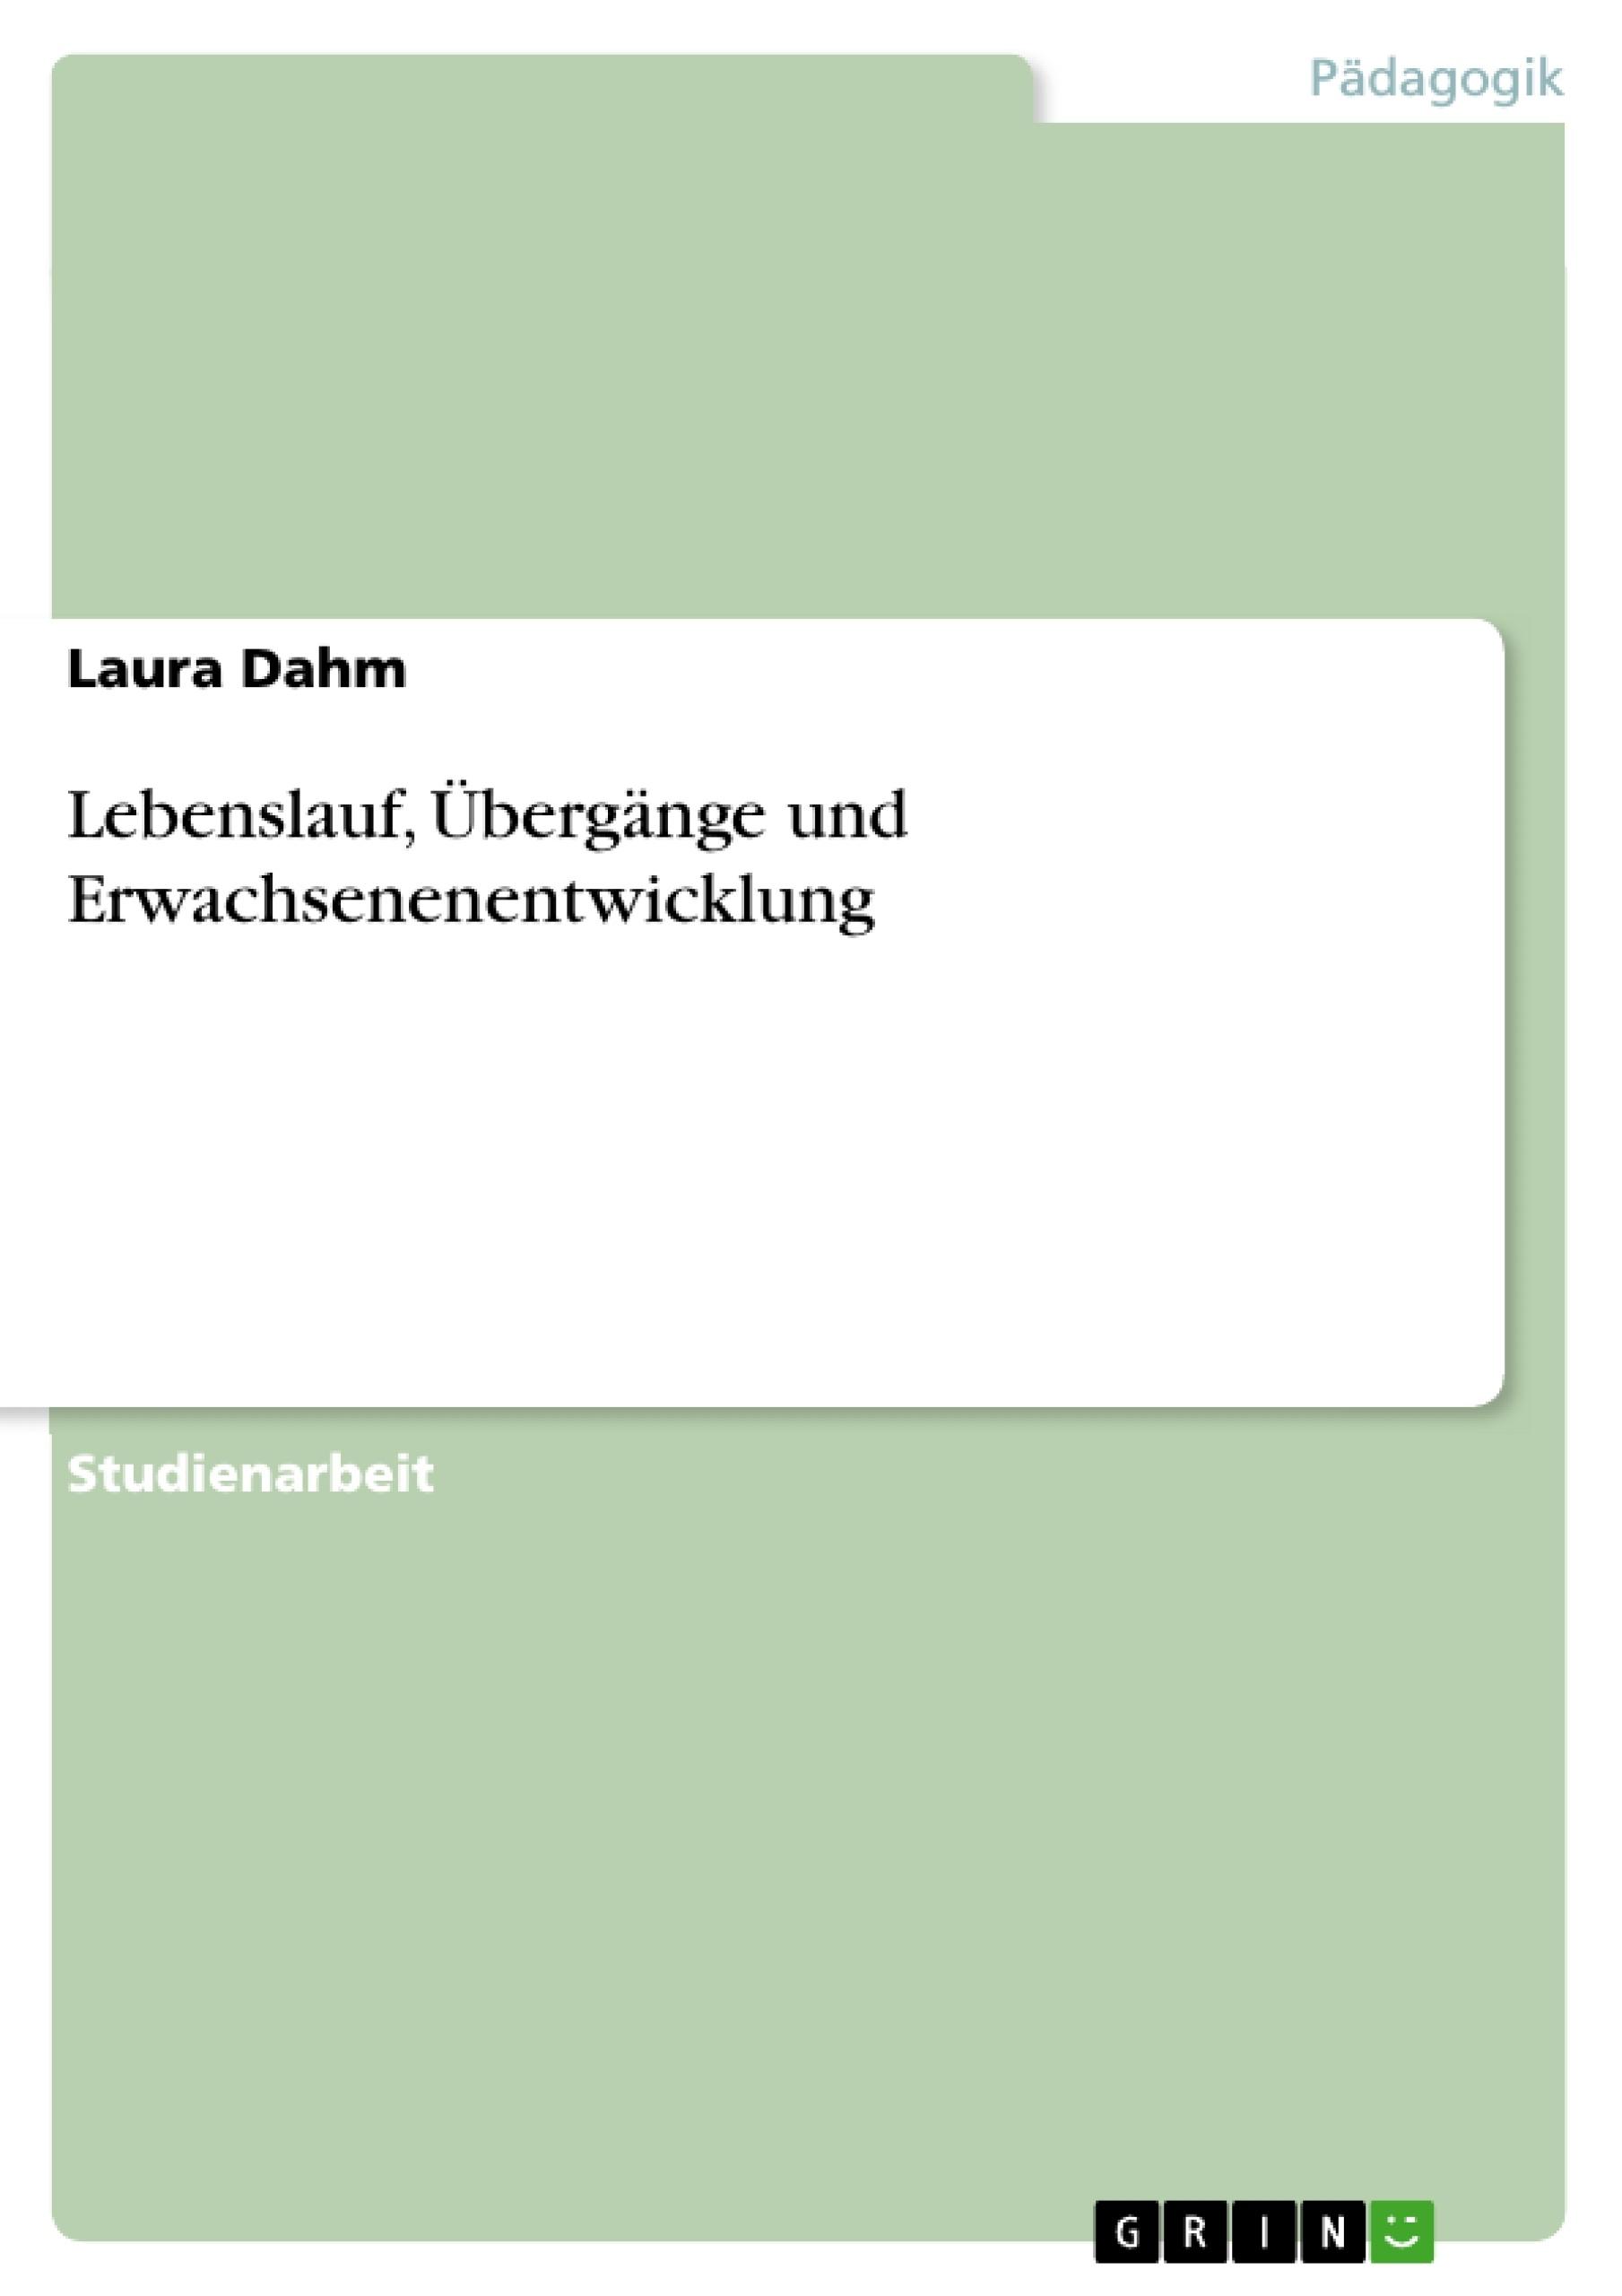 Lebenslauf, Übergänge und Erwachsenenentwicklung | Hausarbeiten ...